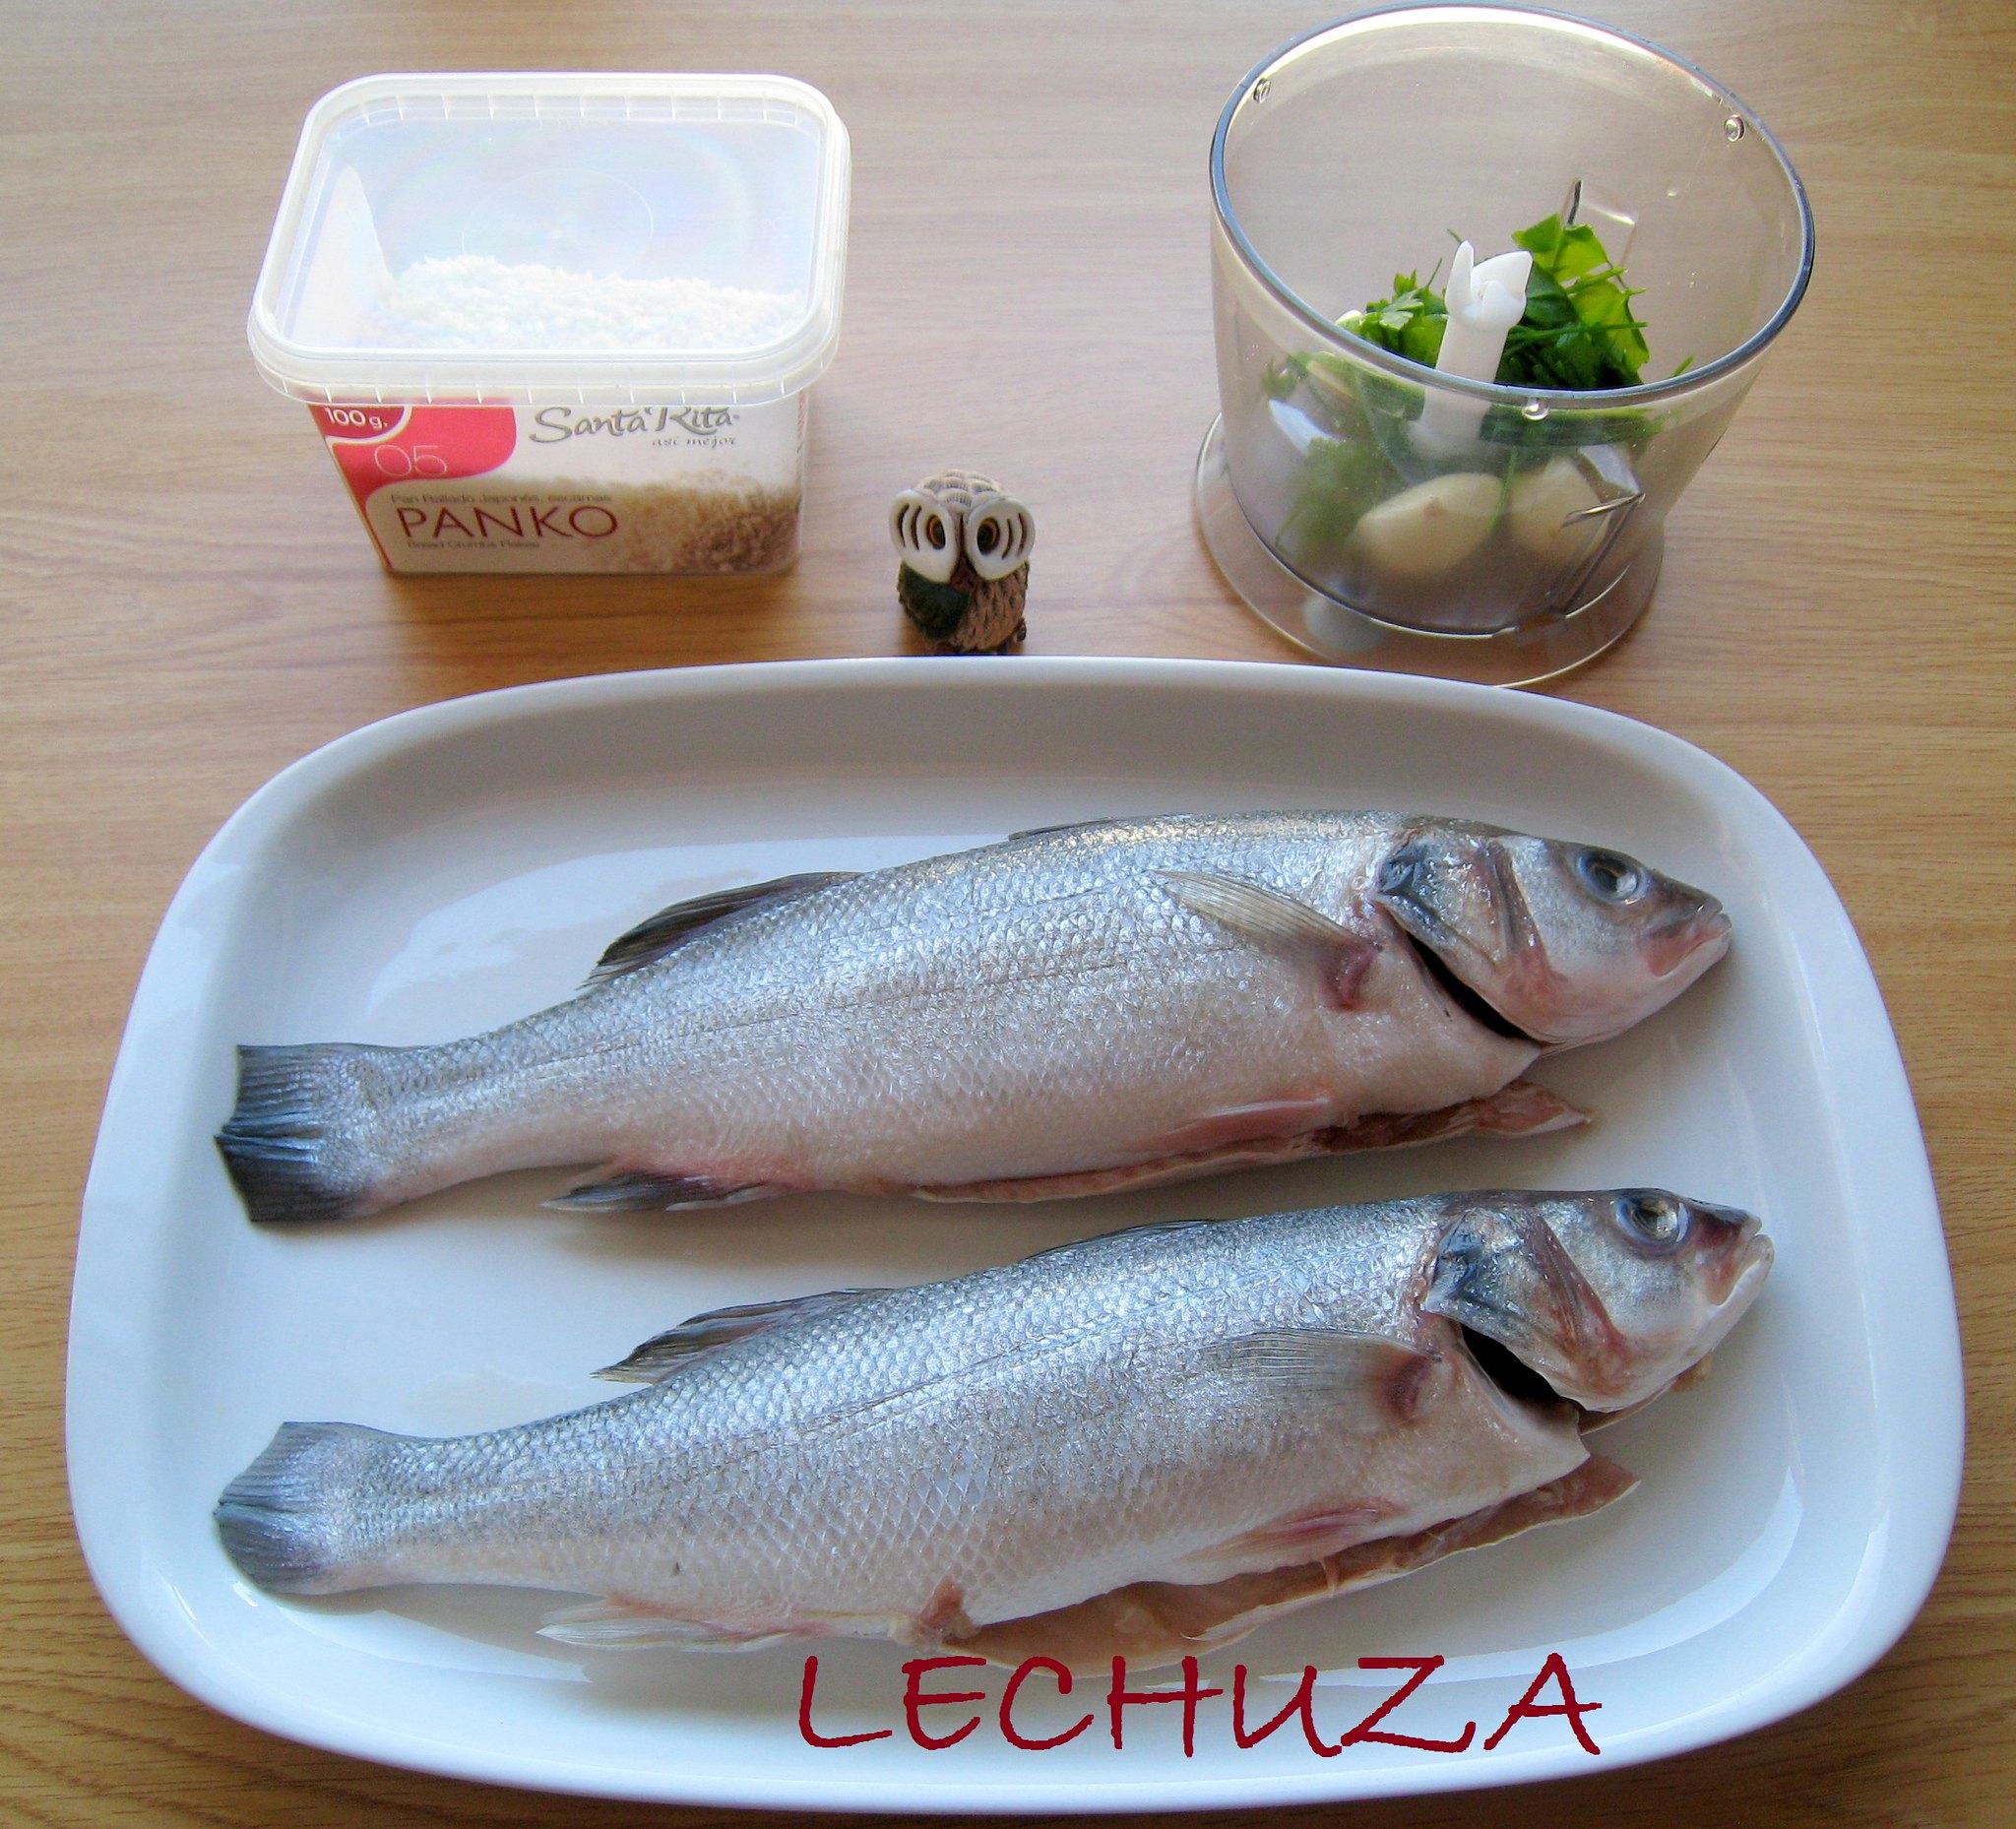 La Cocina De Lechuza Recetas De Cocina Con Fotos Paso A